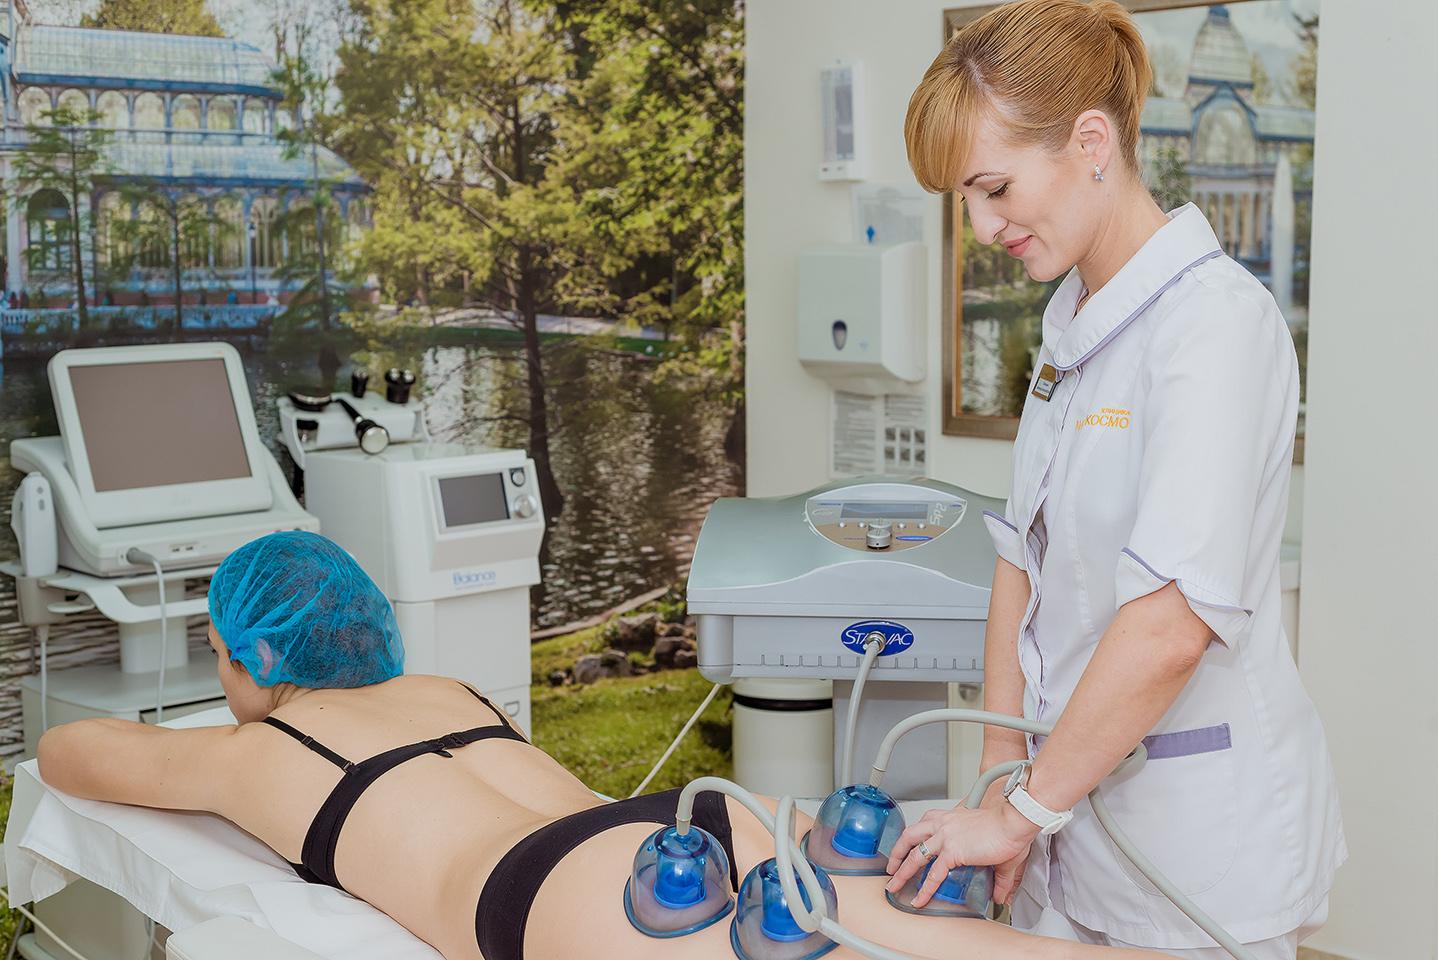 Проведение процедуры вакуумно-роликового массажа Идеальное тело без лишнего веса и целлюлита Вам помогут обрести лучшие доктора-эстетисты по телу с помощью вакуумно-роликового аппарата Starvac